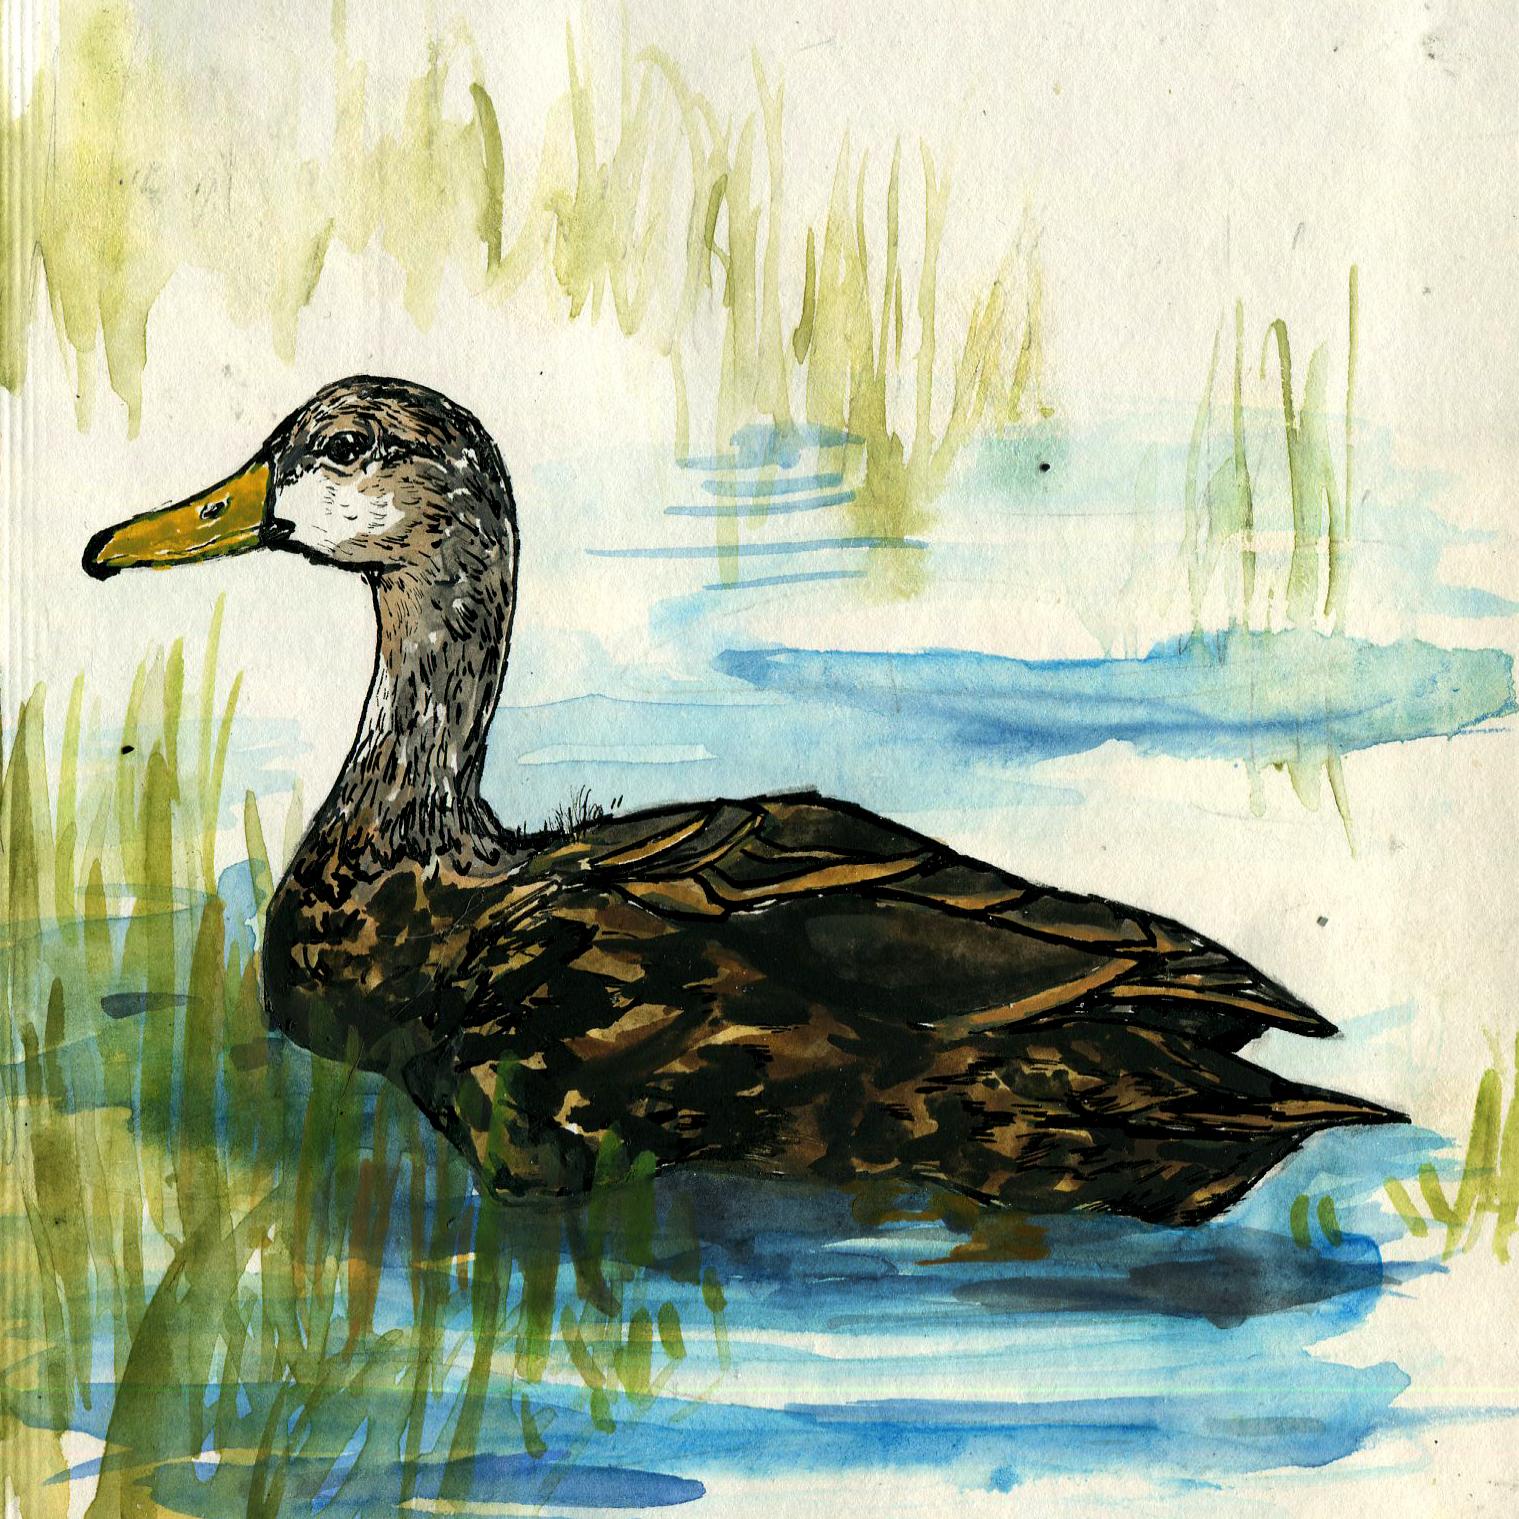 261. Mottled Duck